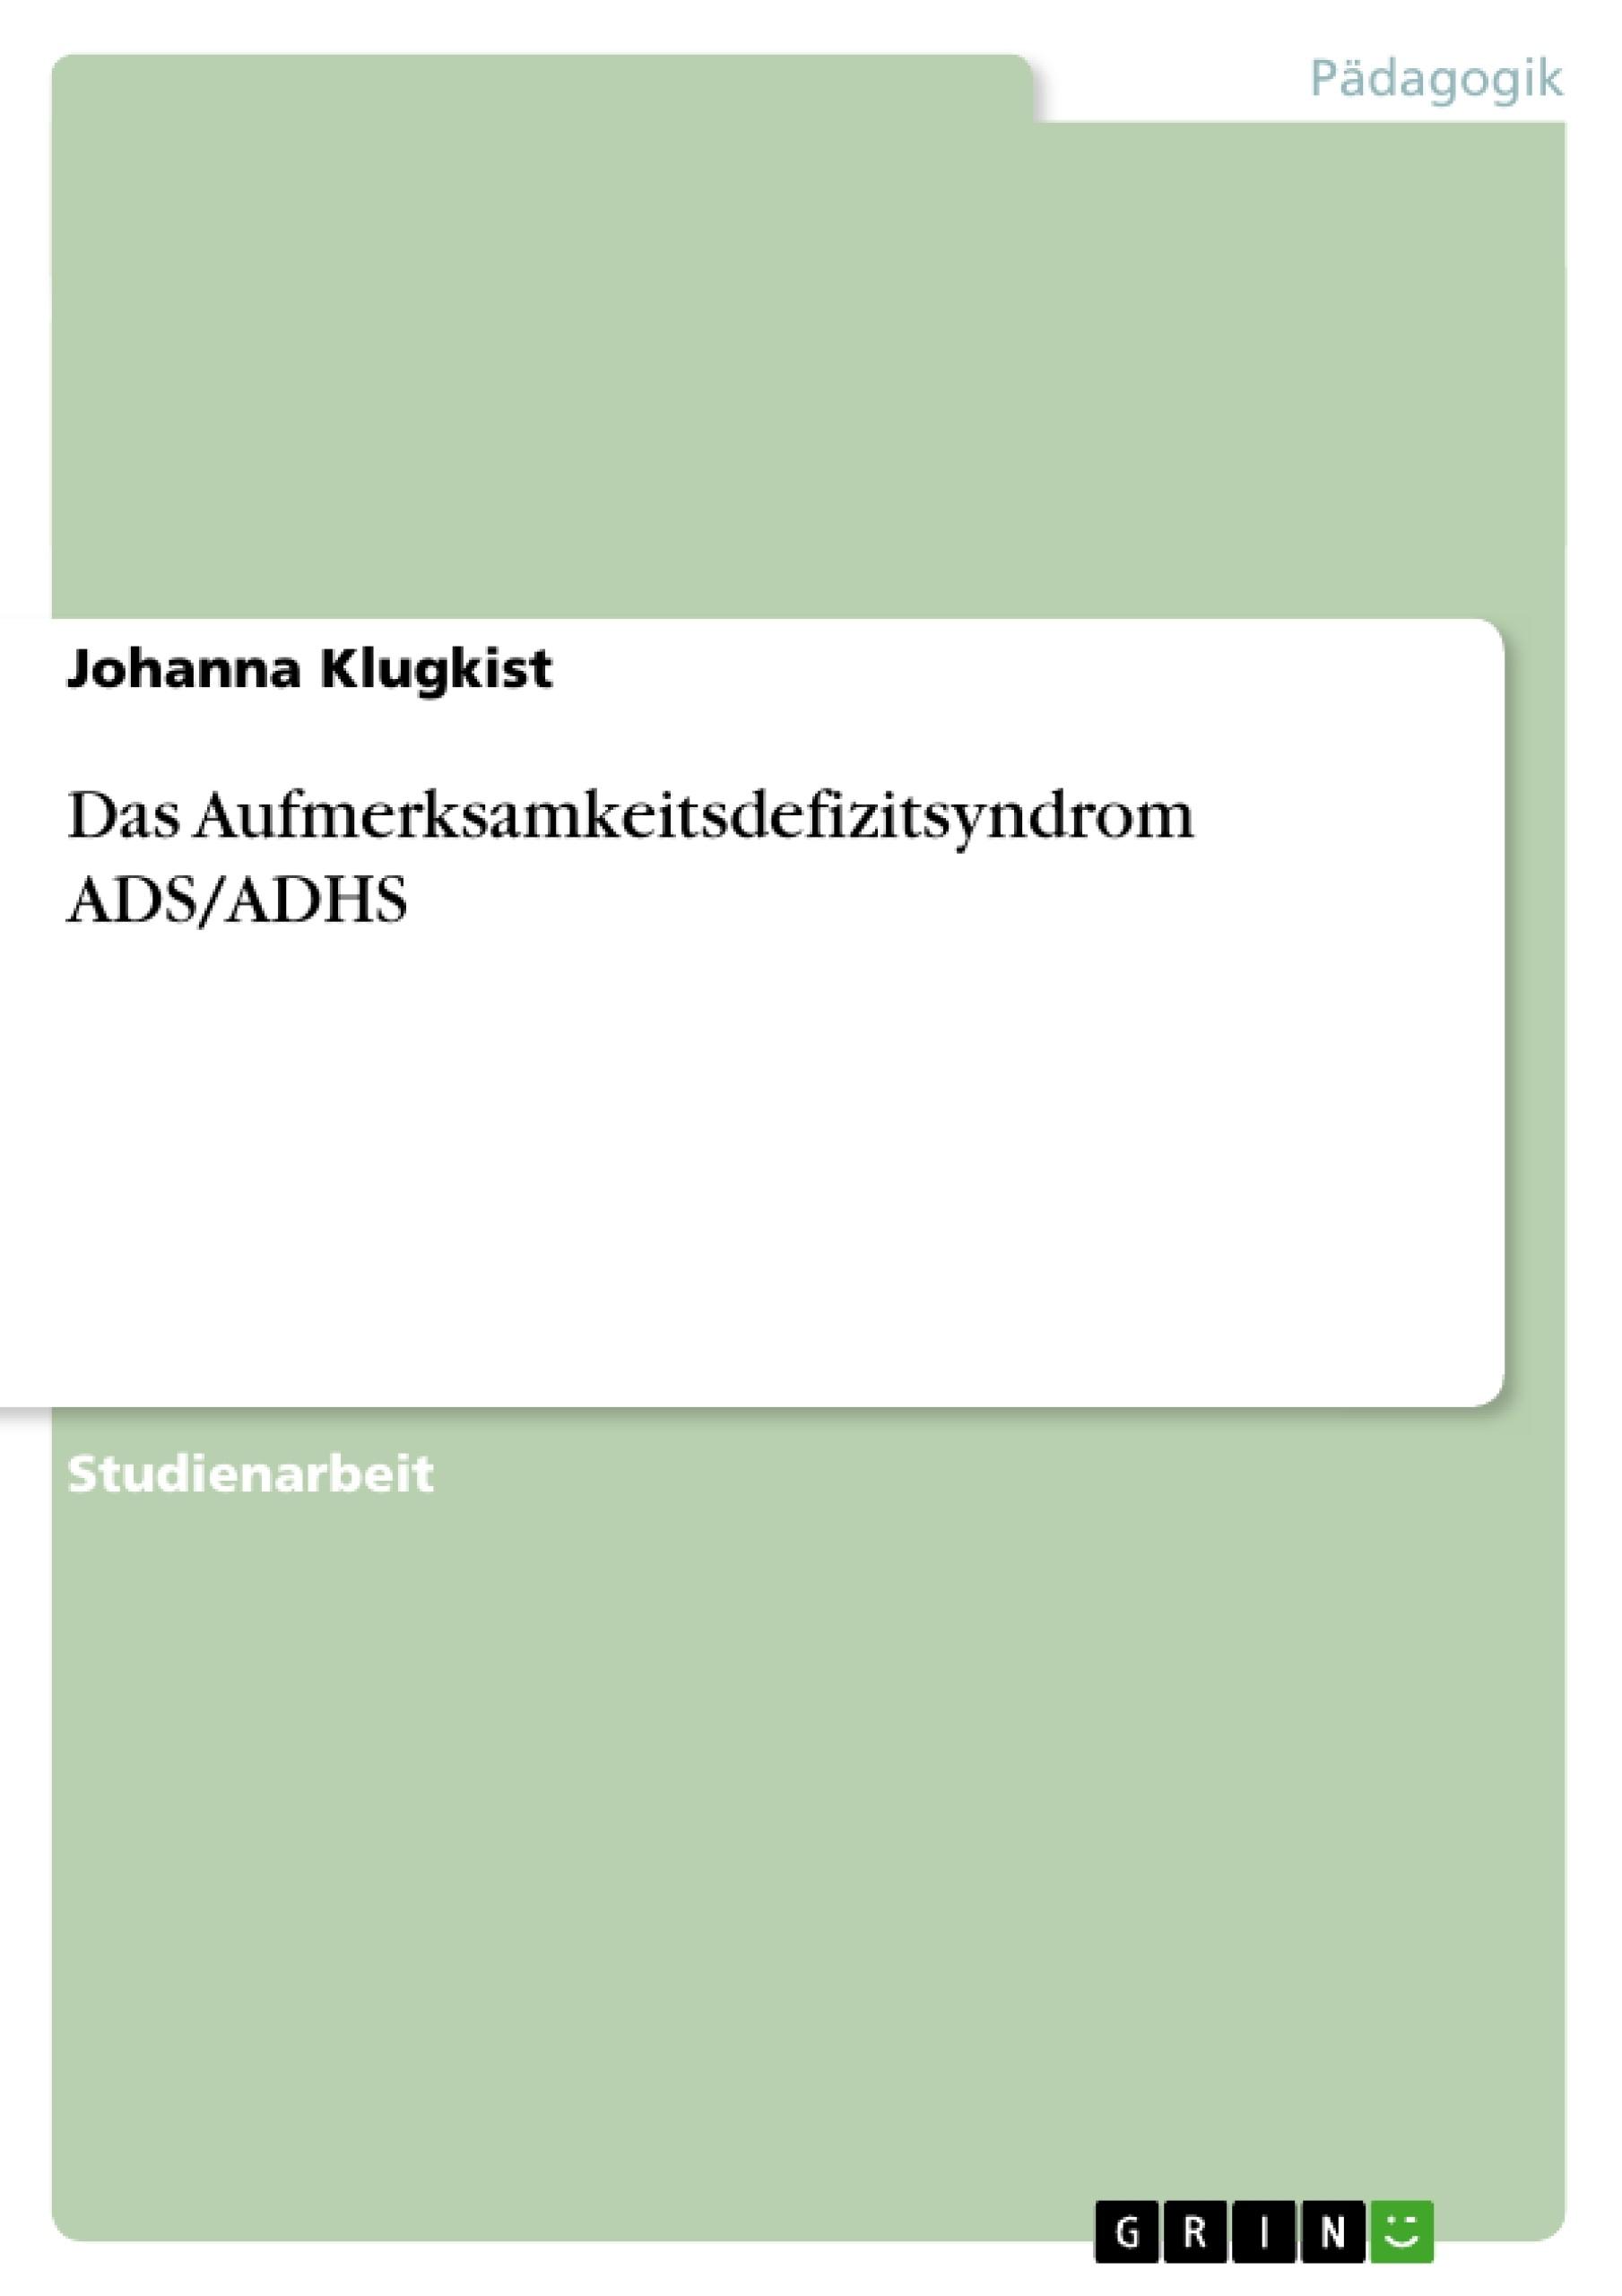 Titel: Das Aufmerksamkeitsdefizitsyndrom ADS/ADHS